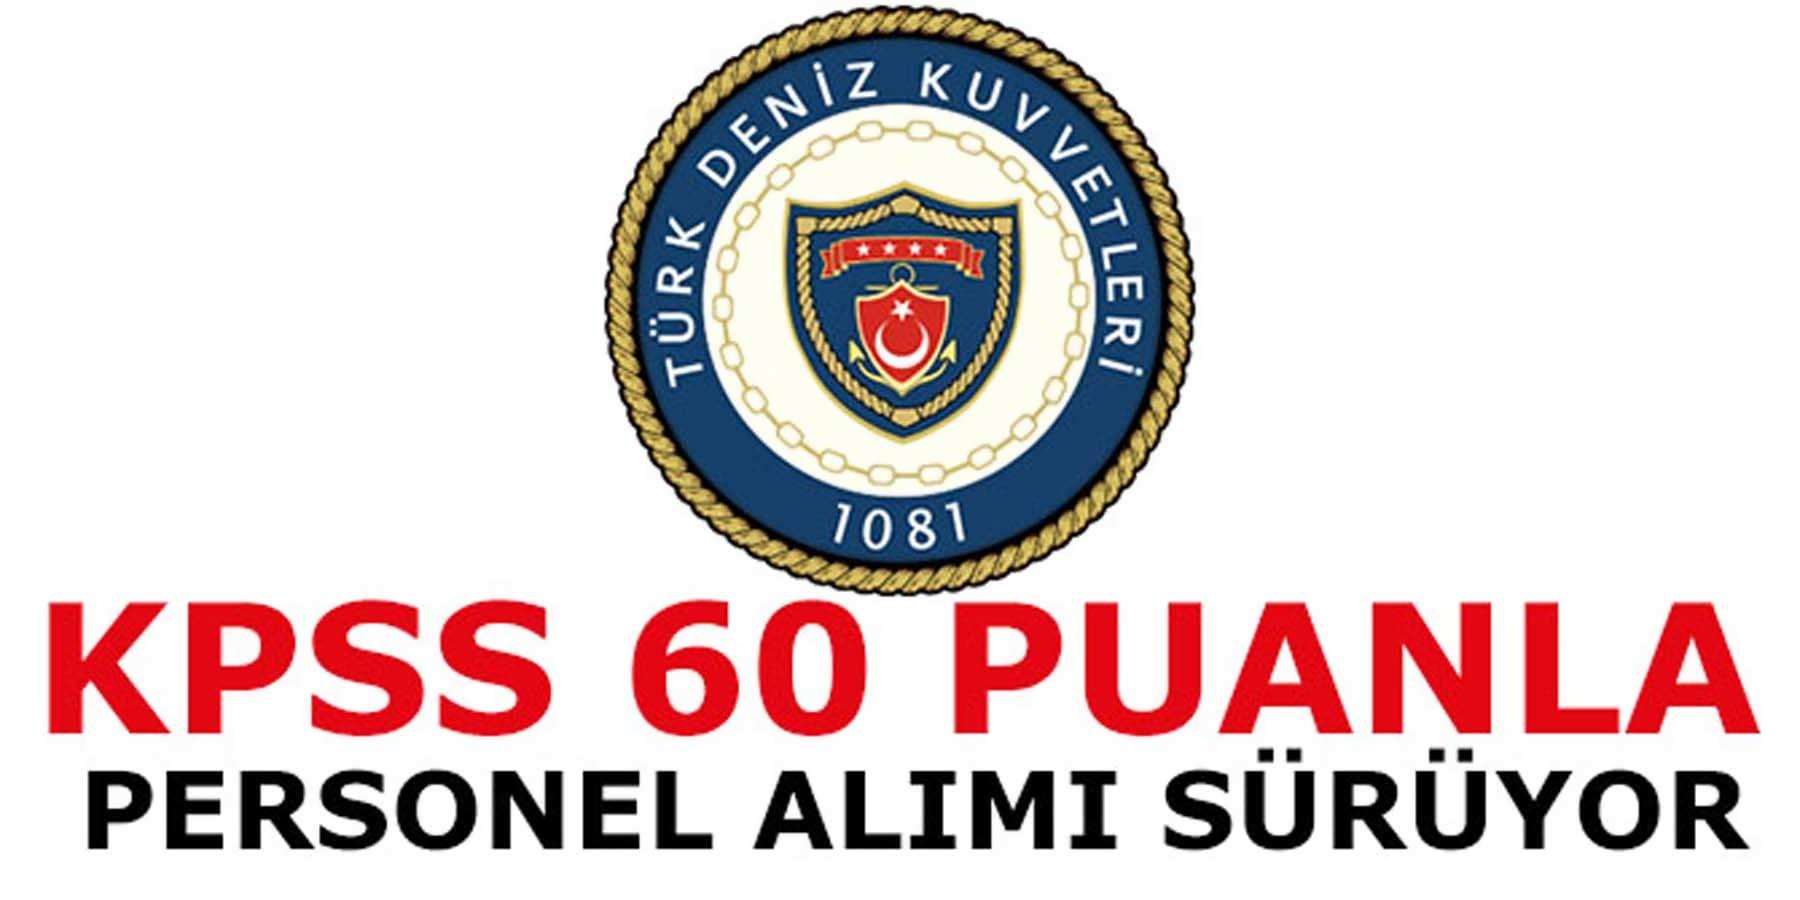 KPSS 60 Puanla Deniz Kuvvetleri Personel Alımı Sürüyor